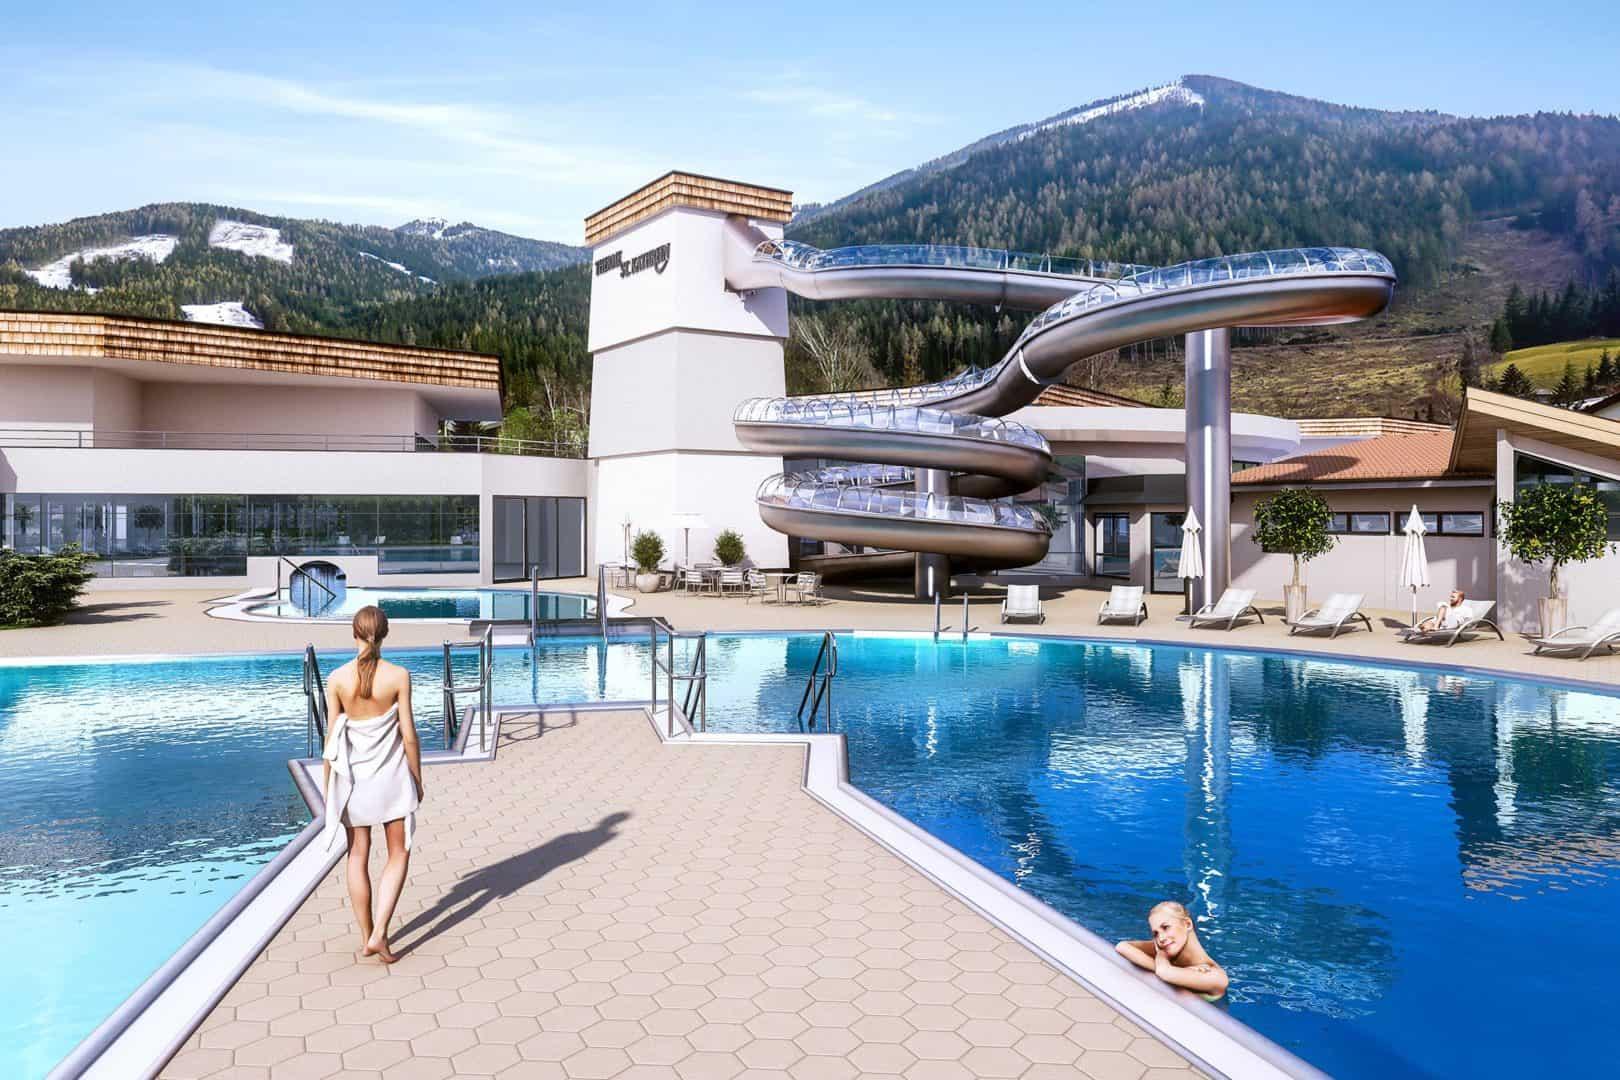 Familien- und Gesundheitstherme Bad Kleinkirchheim in Kärnten - Aktivitäten in Österreich